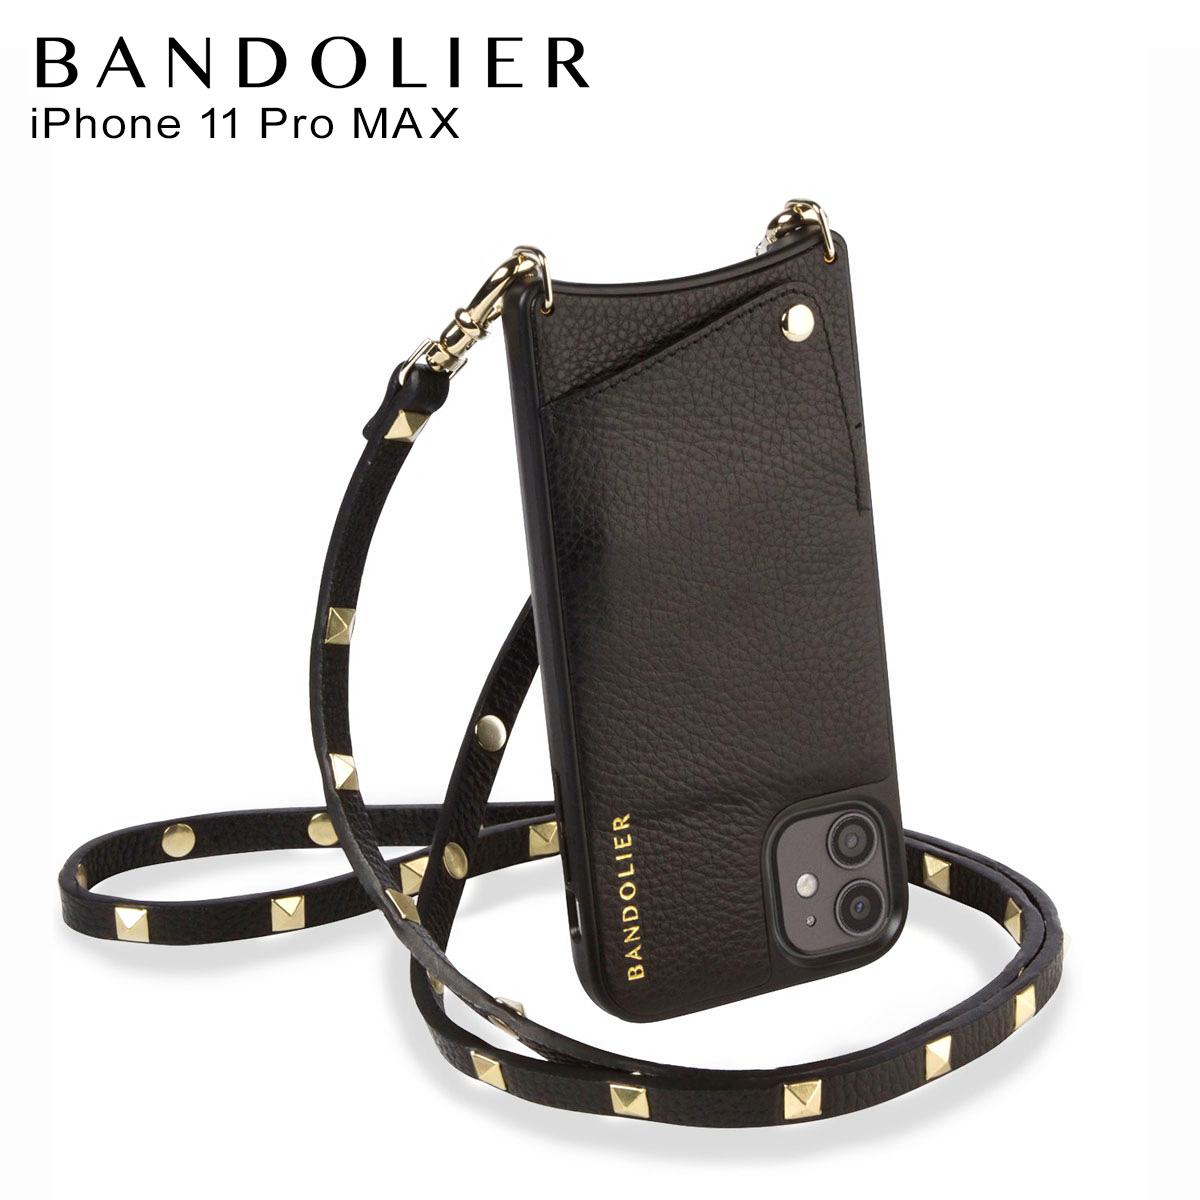 BANDOLIER バンドリヤー サラ ゴールド iPhone11 Pro MAX ケース スマホ 携帯 ショルダー アイフォン メンズ レディース SARAH GOLD ブラック 黒 2014